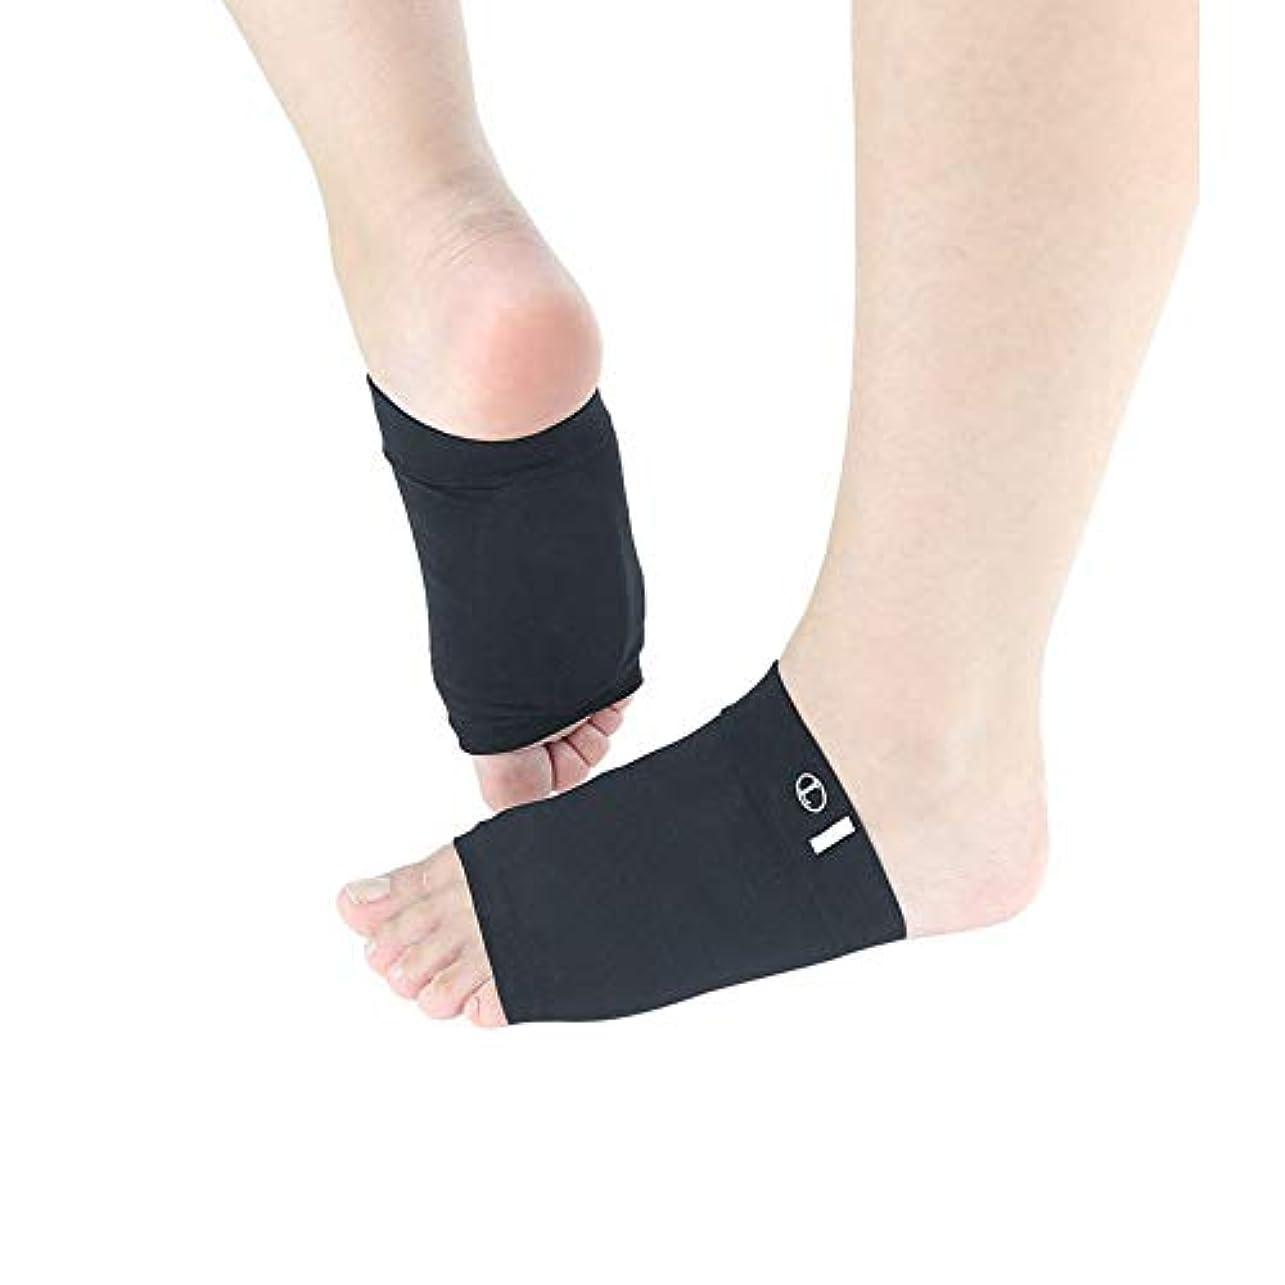 うつ新しい意味目の前のTCATEC 扁平足 サポーター アーチサポーター 偏平足 矯正 足裏 土踏まず むくみ解消 衝撃吸収 足底筋膜炎 足の痛み対策 歩行 立ち仕事 フリーサイズ 男女兼用